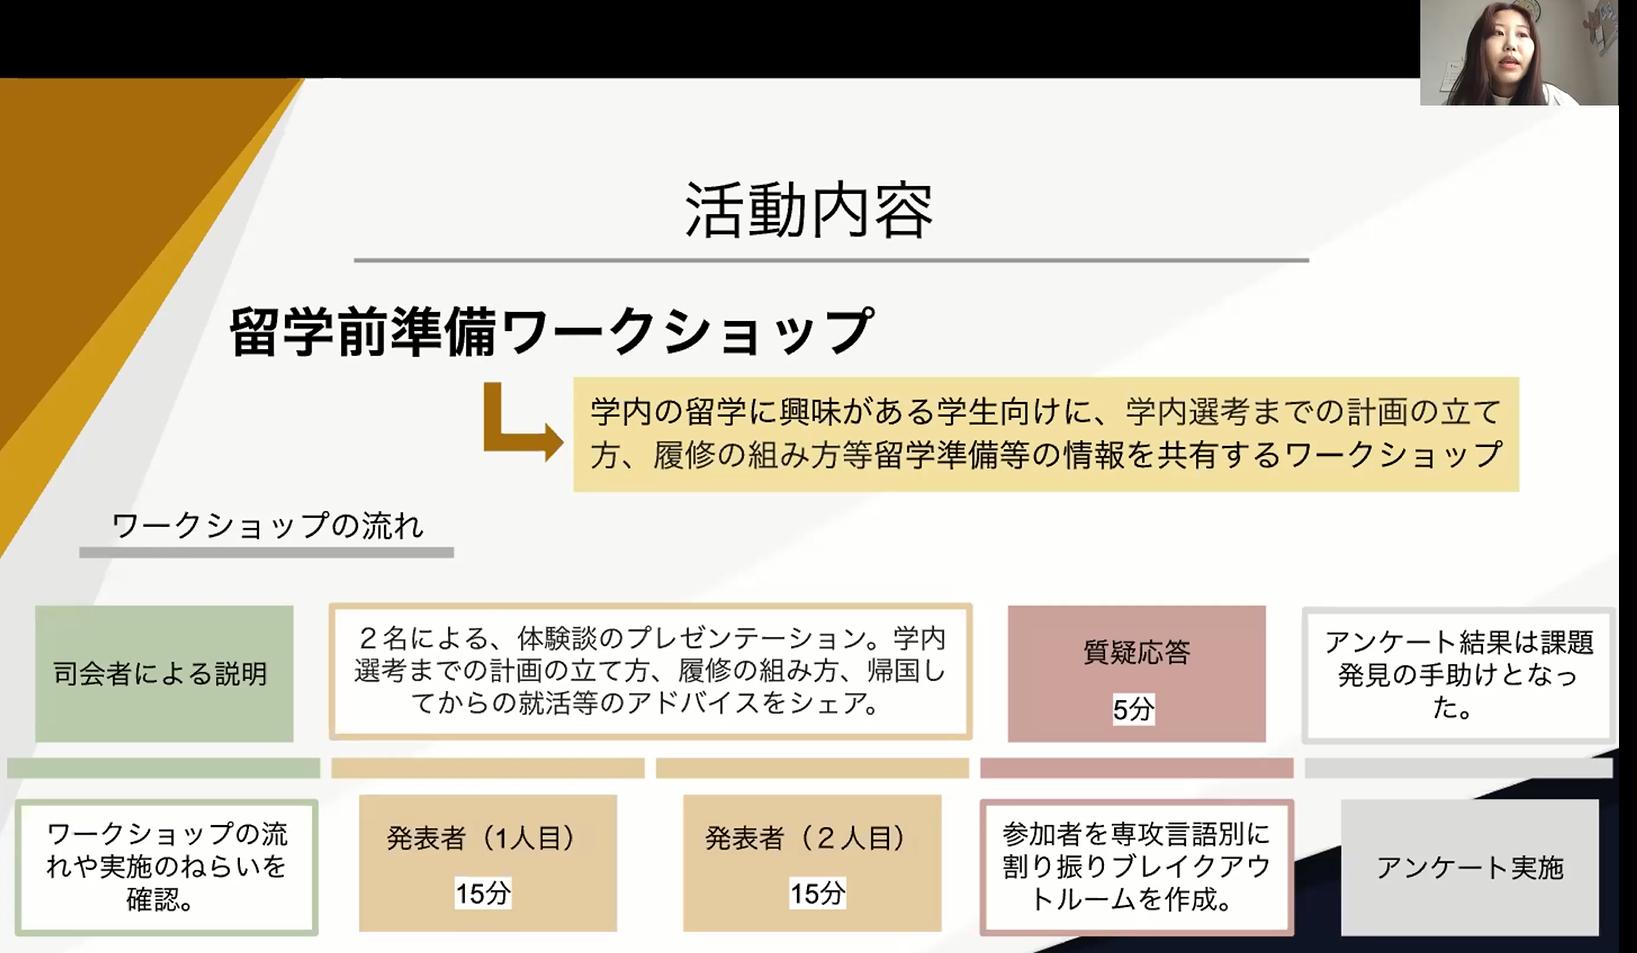 神田外語大学(KUIS)学生による国際交流活動「KUISグローバルアンバサダー」 第一期報告会・修了式を実施